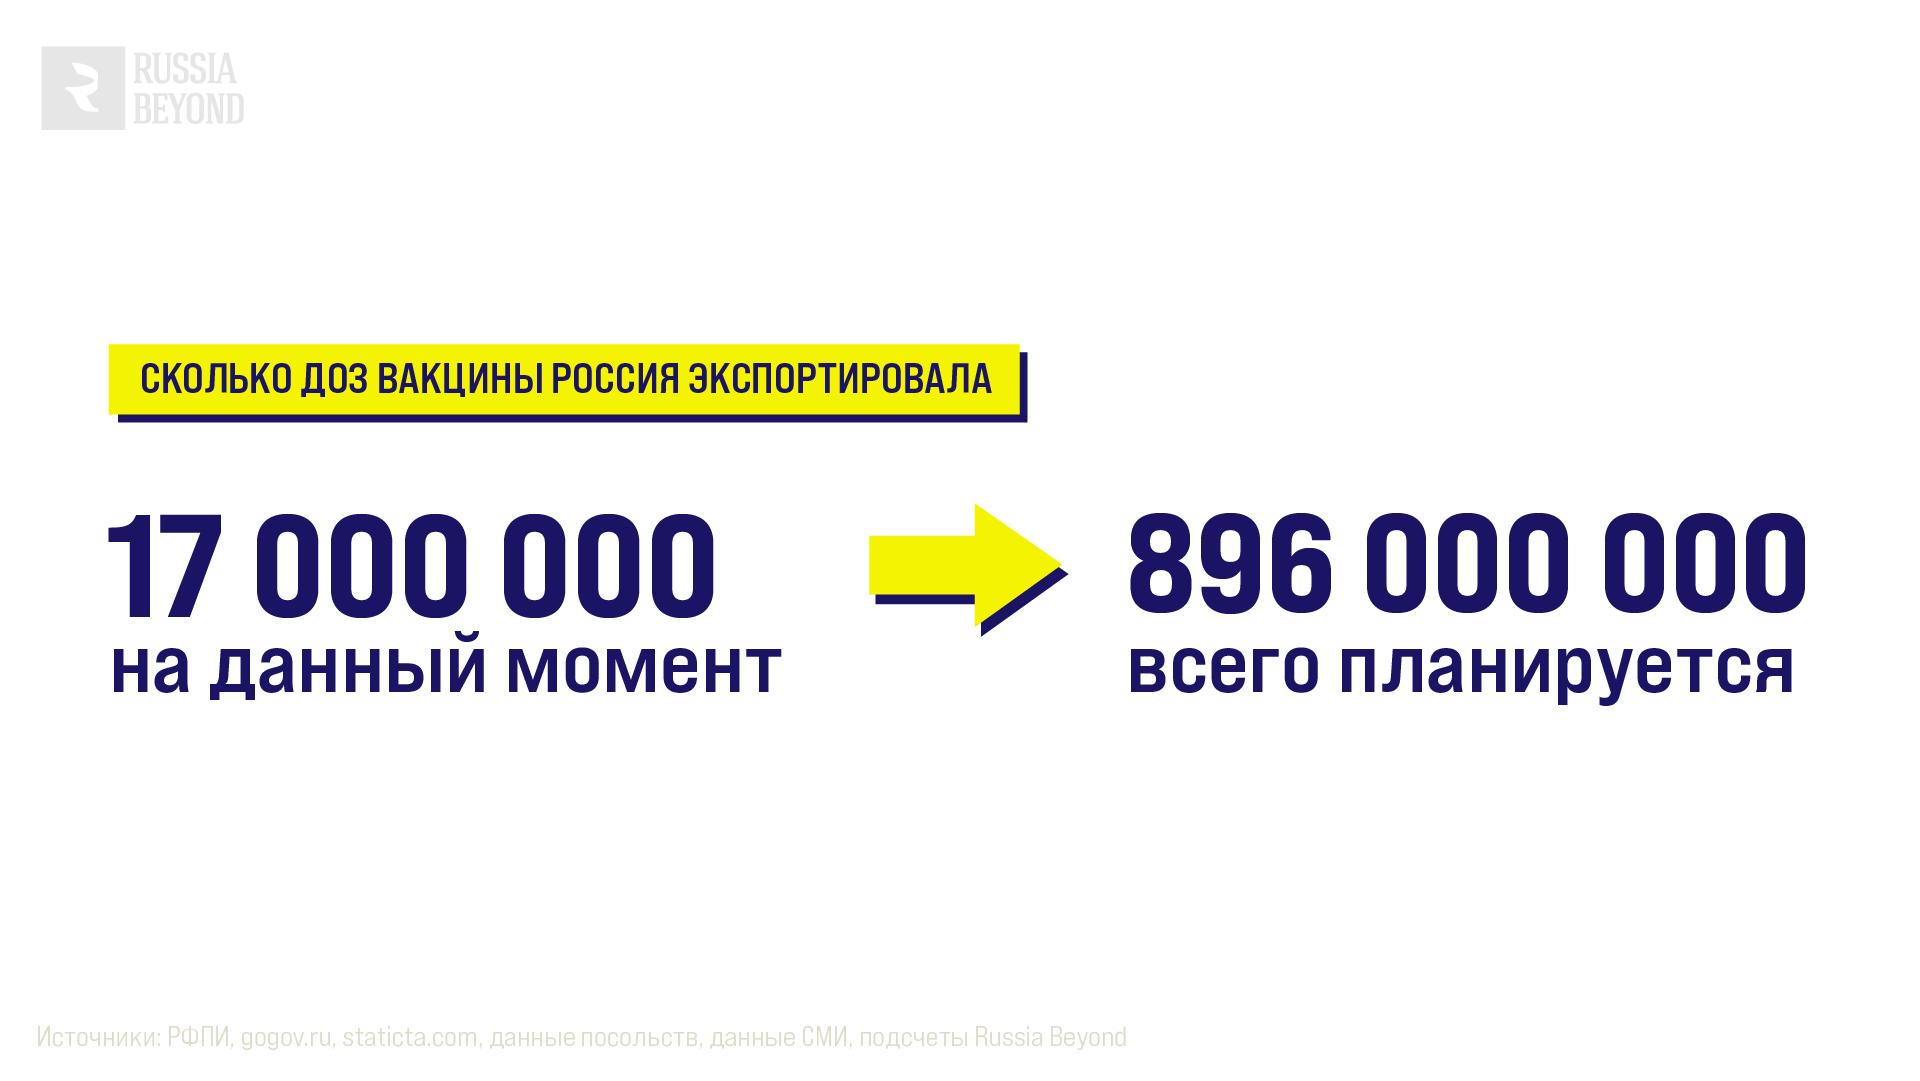 Сколько доз вакцин Россия экспортировала